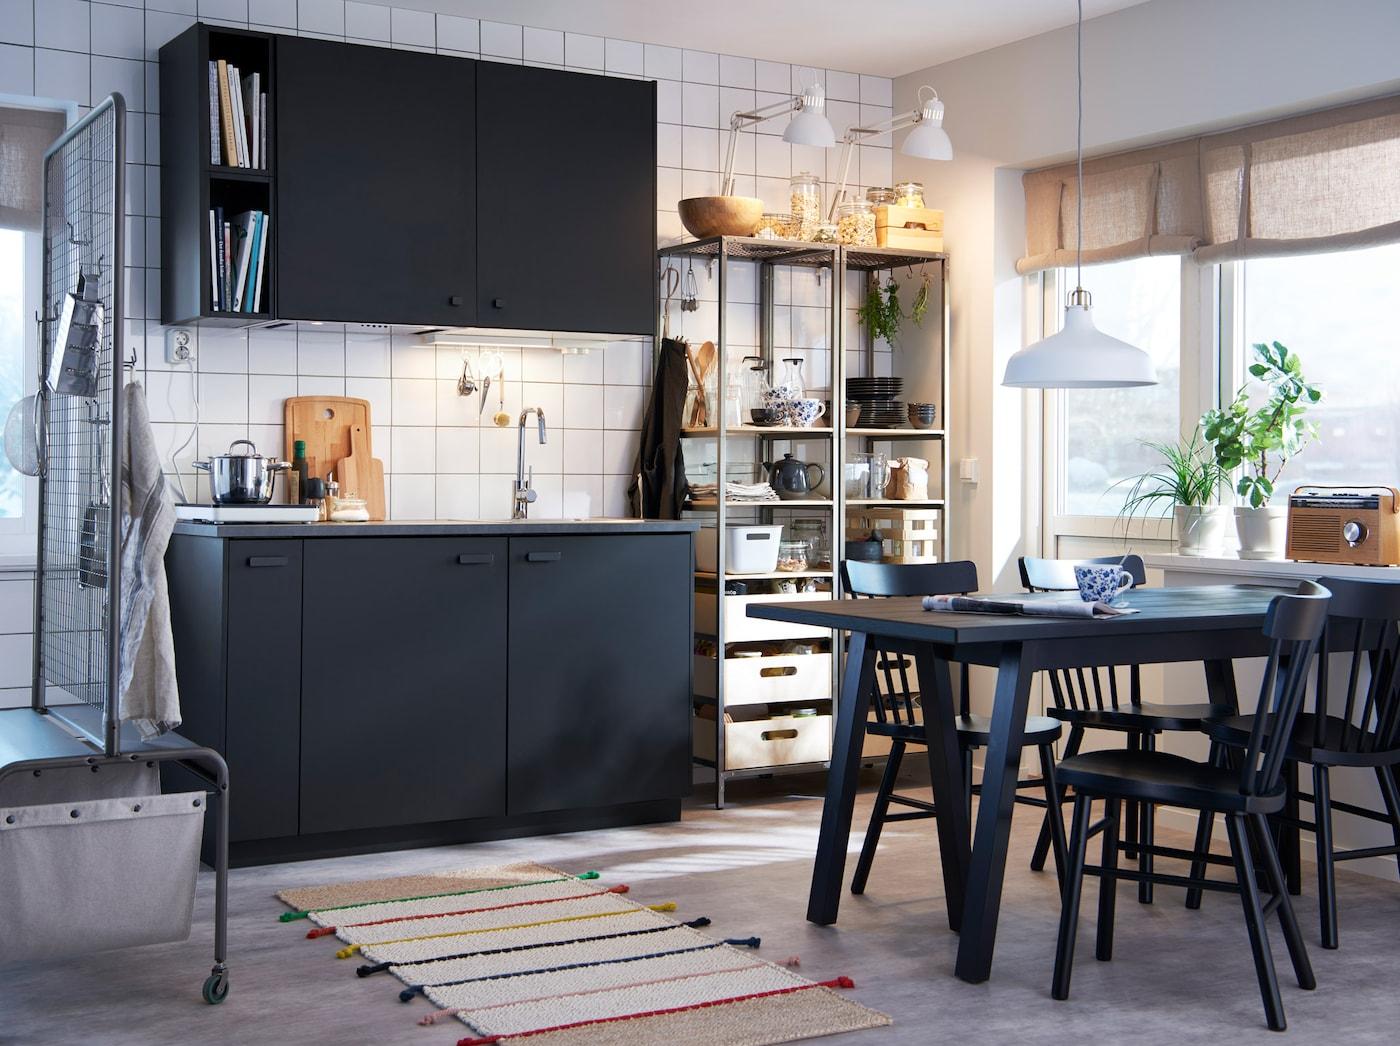 Kleine Küche Mit KUNGSBACKA Fronten In Anthrazit, Einem Tisch Und Einem  Offenen Metallregal